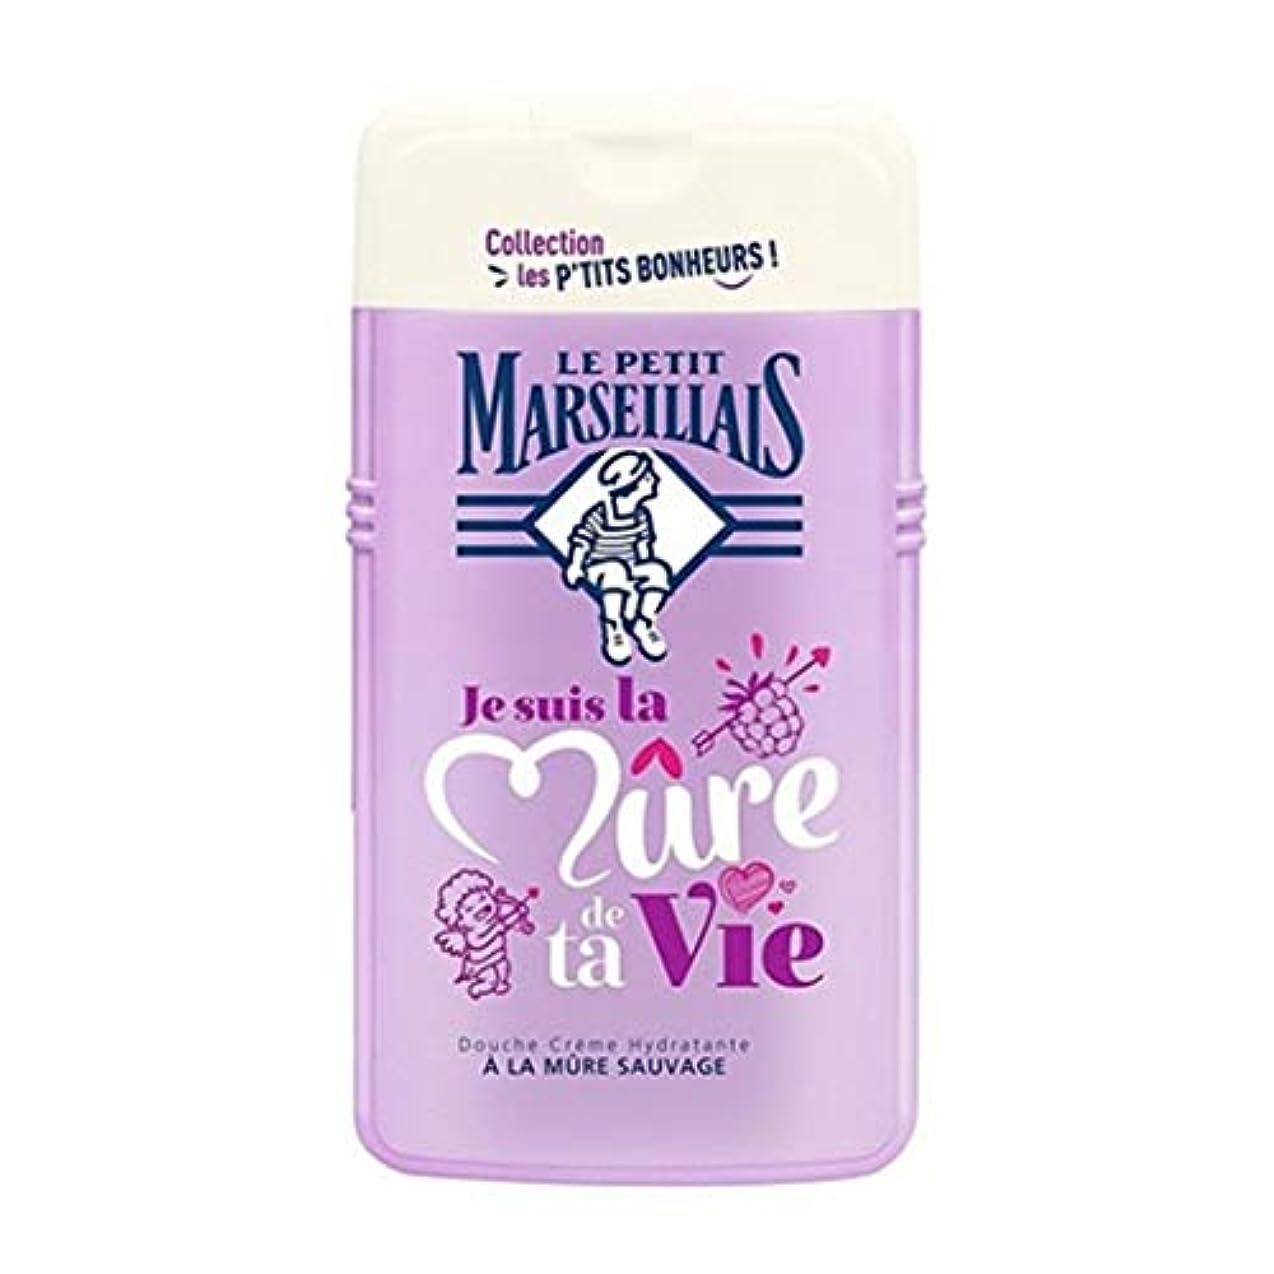 自殺吸い込む用語集「ブラックベリー」シャワークリーム ???? フランスの「ル?プティ?マルセイユ (Le Petit Marseillais)」 les P'TITS BONHEURS 250ml ボディウォッシュ